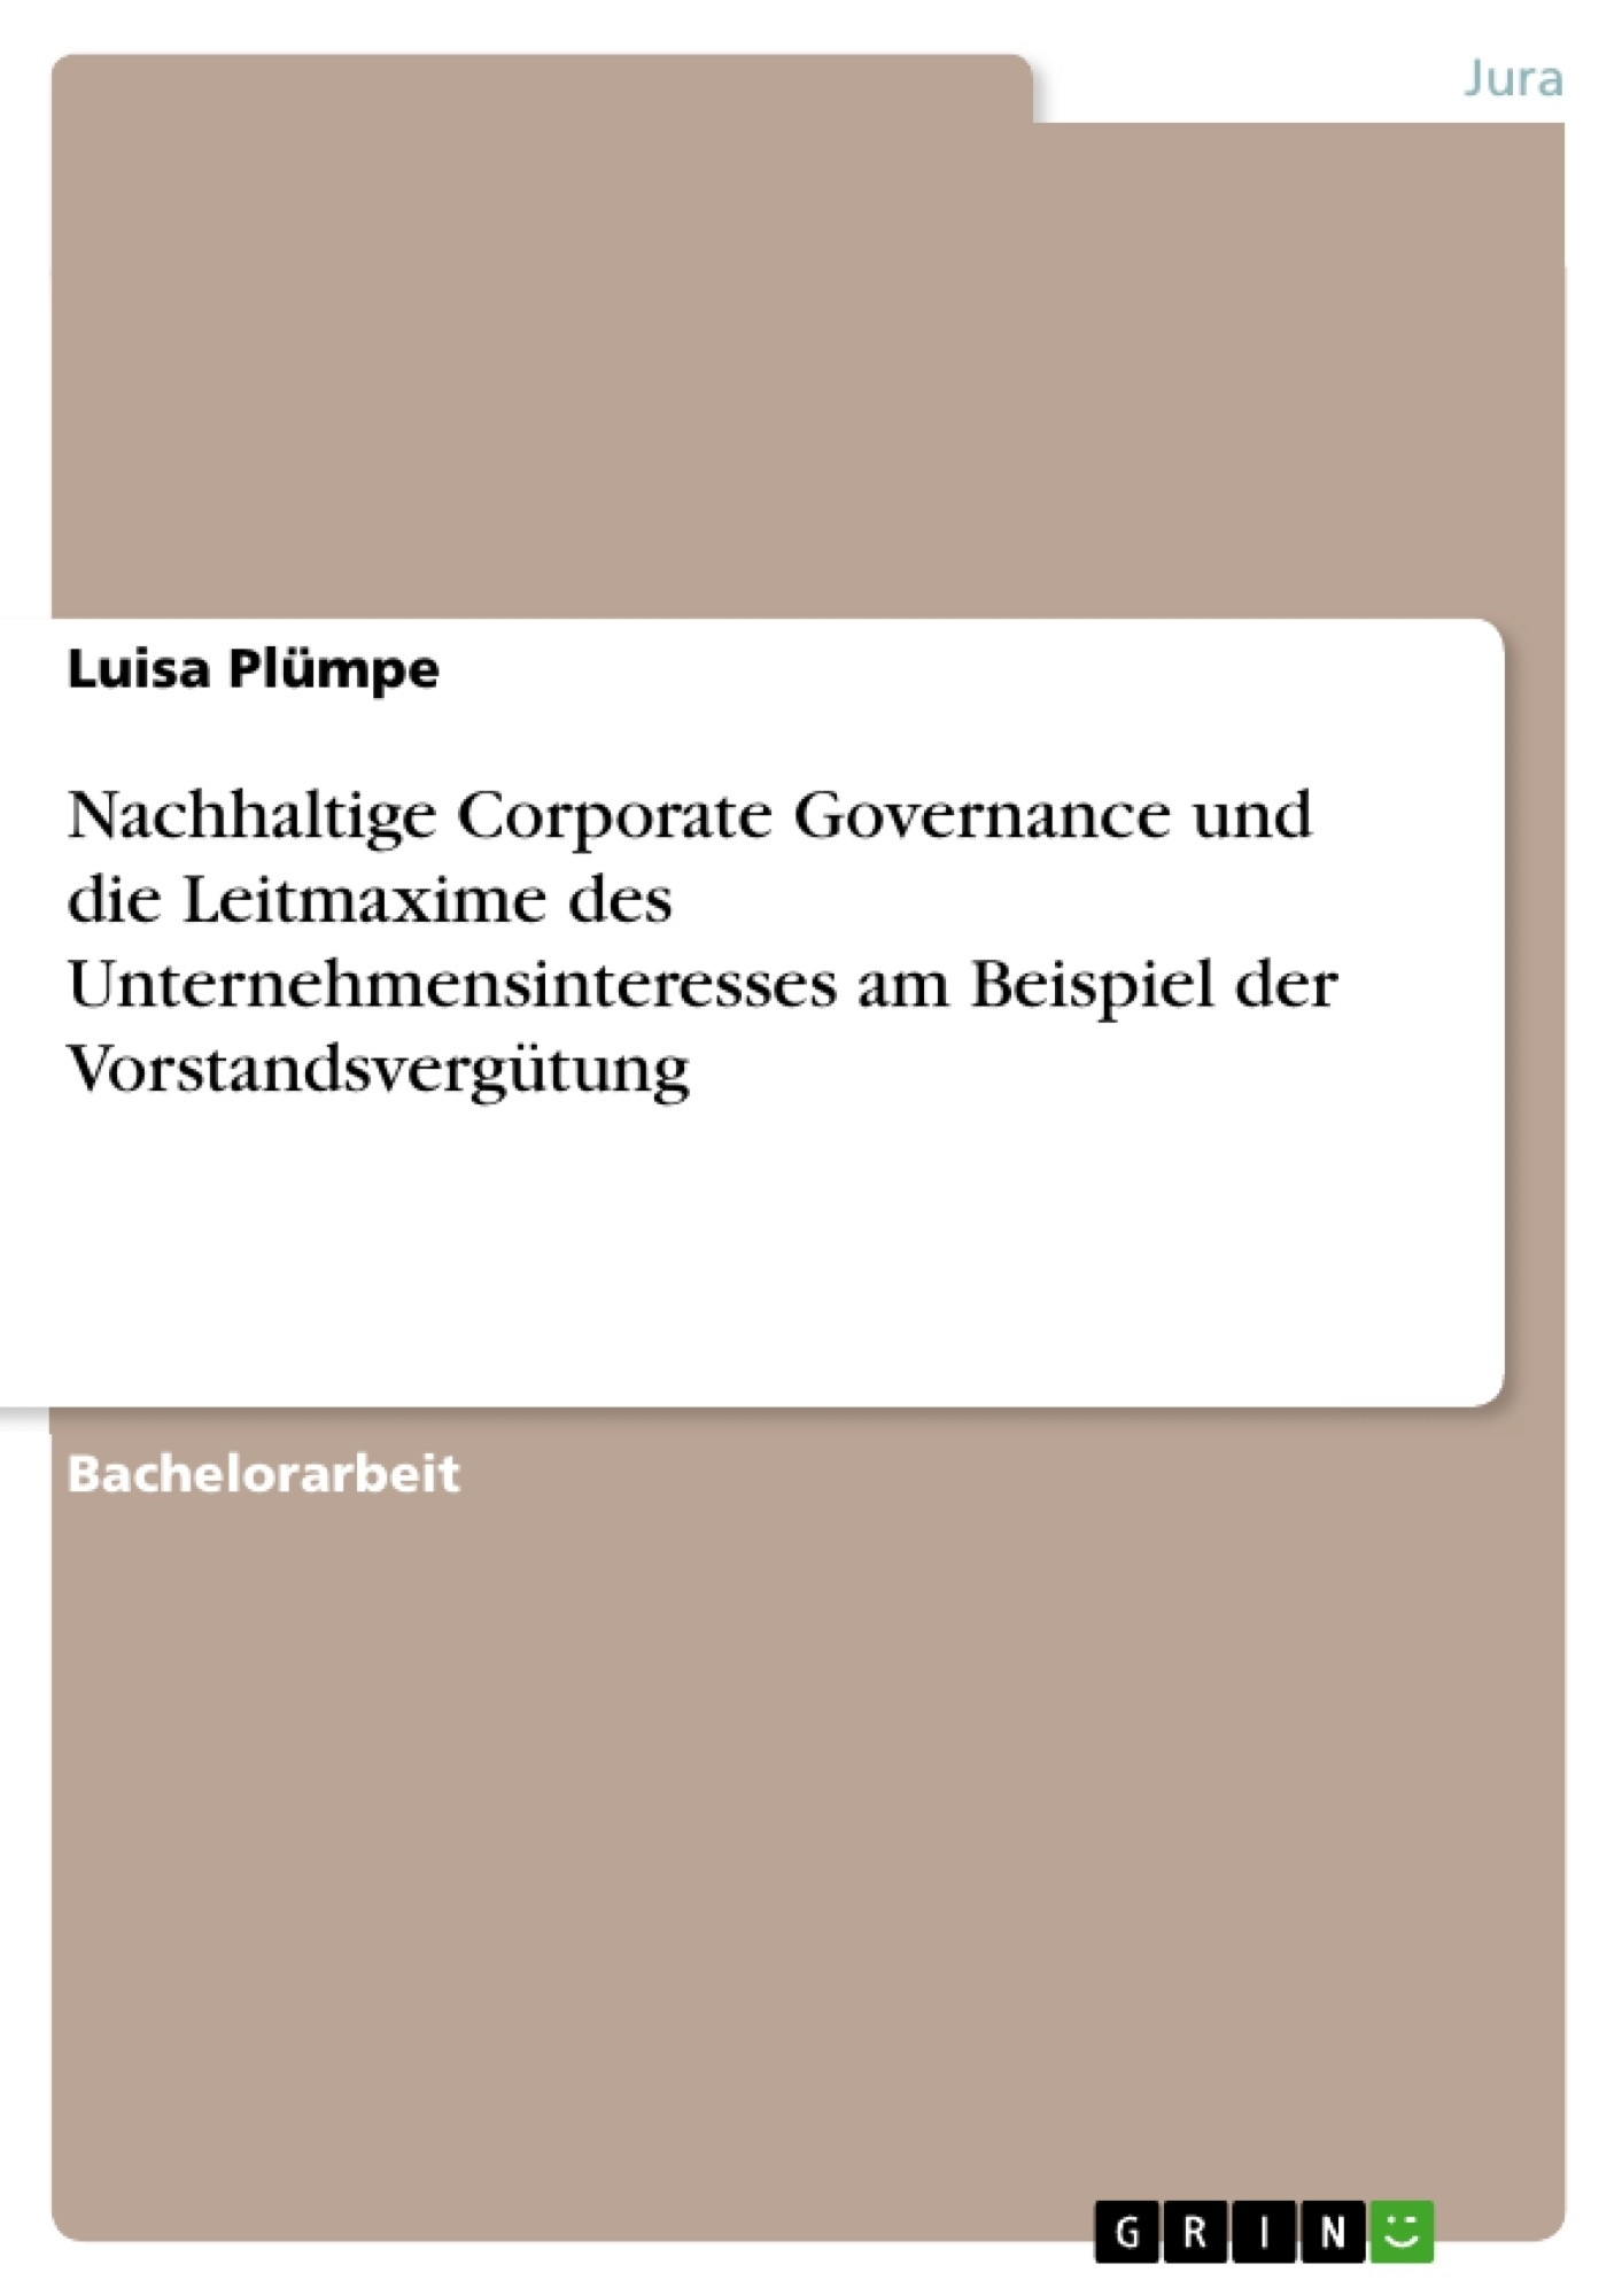 Titel: Nachhaltige Corporate Governance und die Leitmaxime des Unternehmensinteresses am Beispiel der Vorstandsvergütung